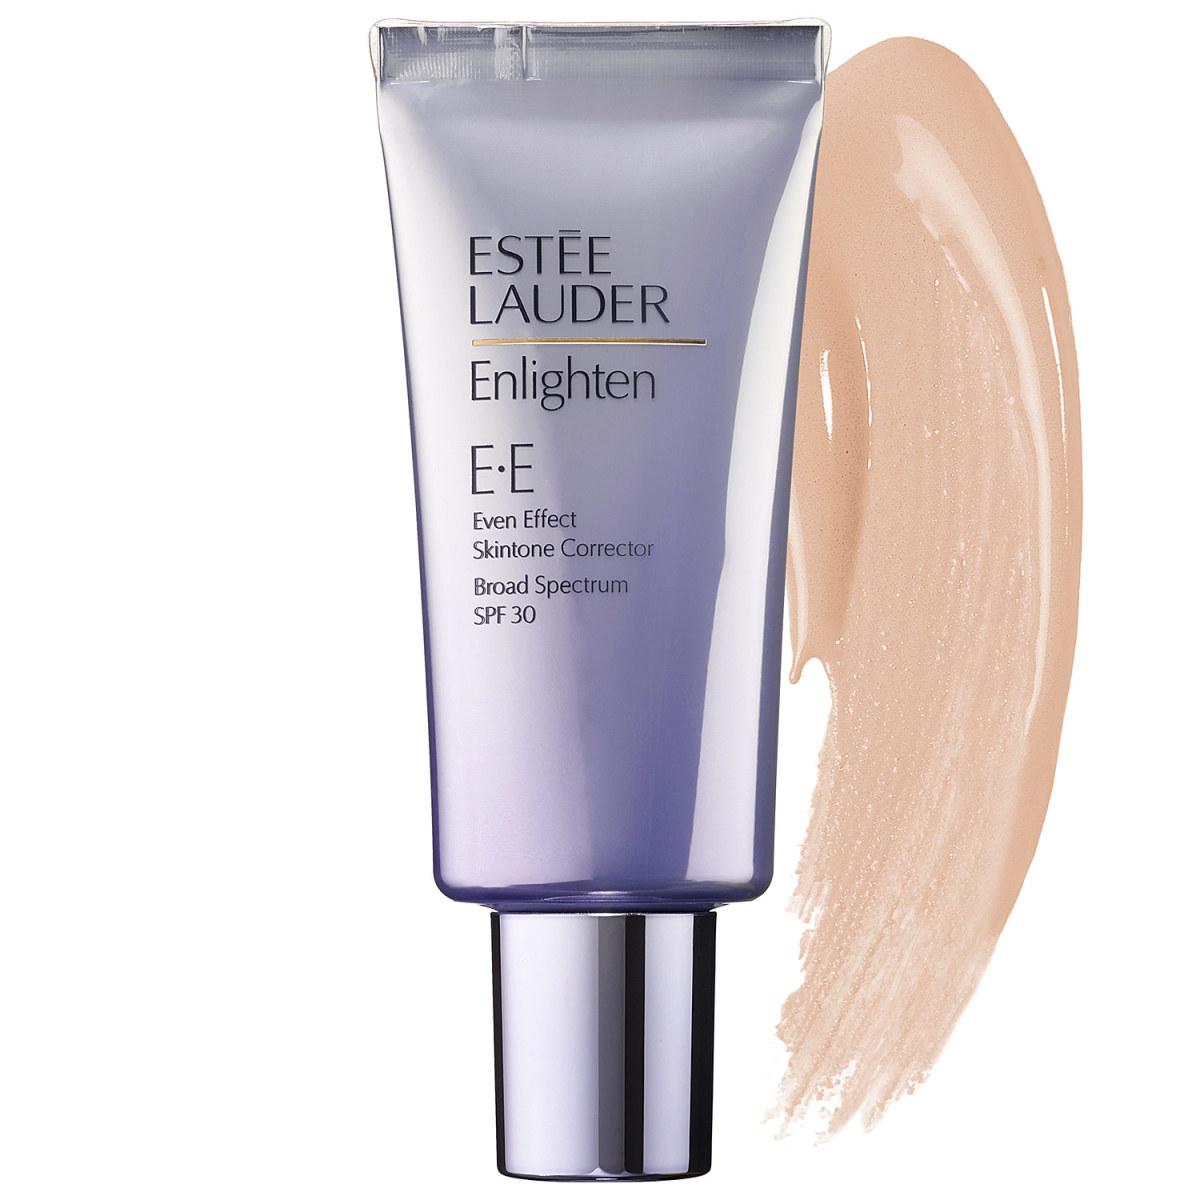 Estee Lauder Enlighten EE Even Effect Skintone Corrector